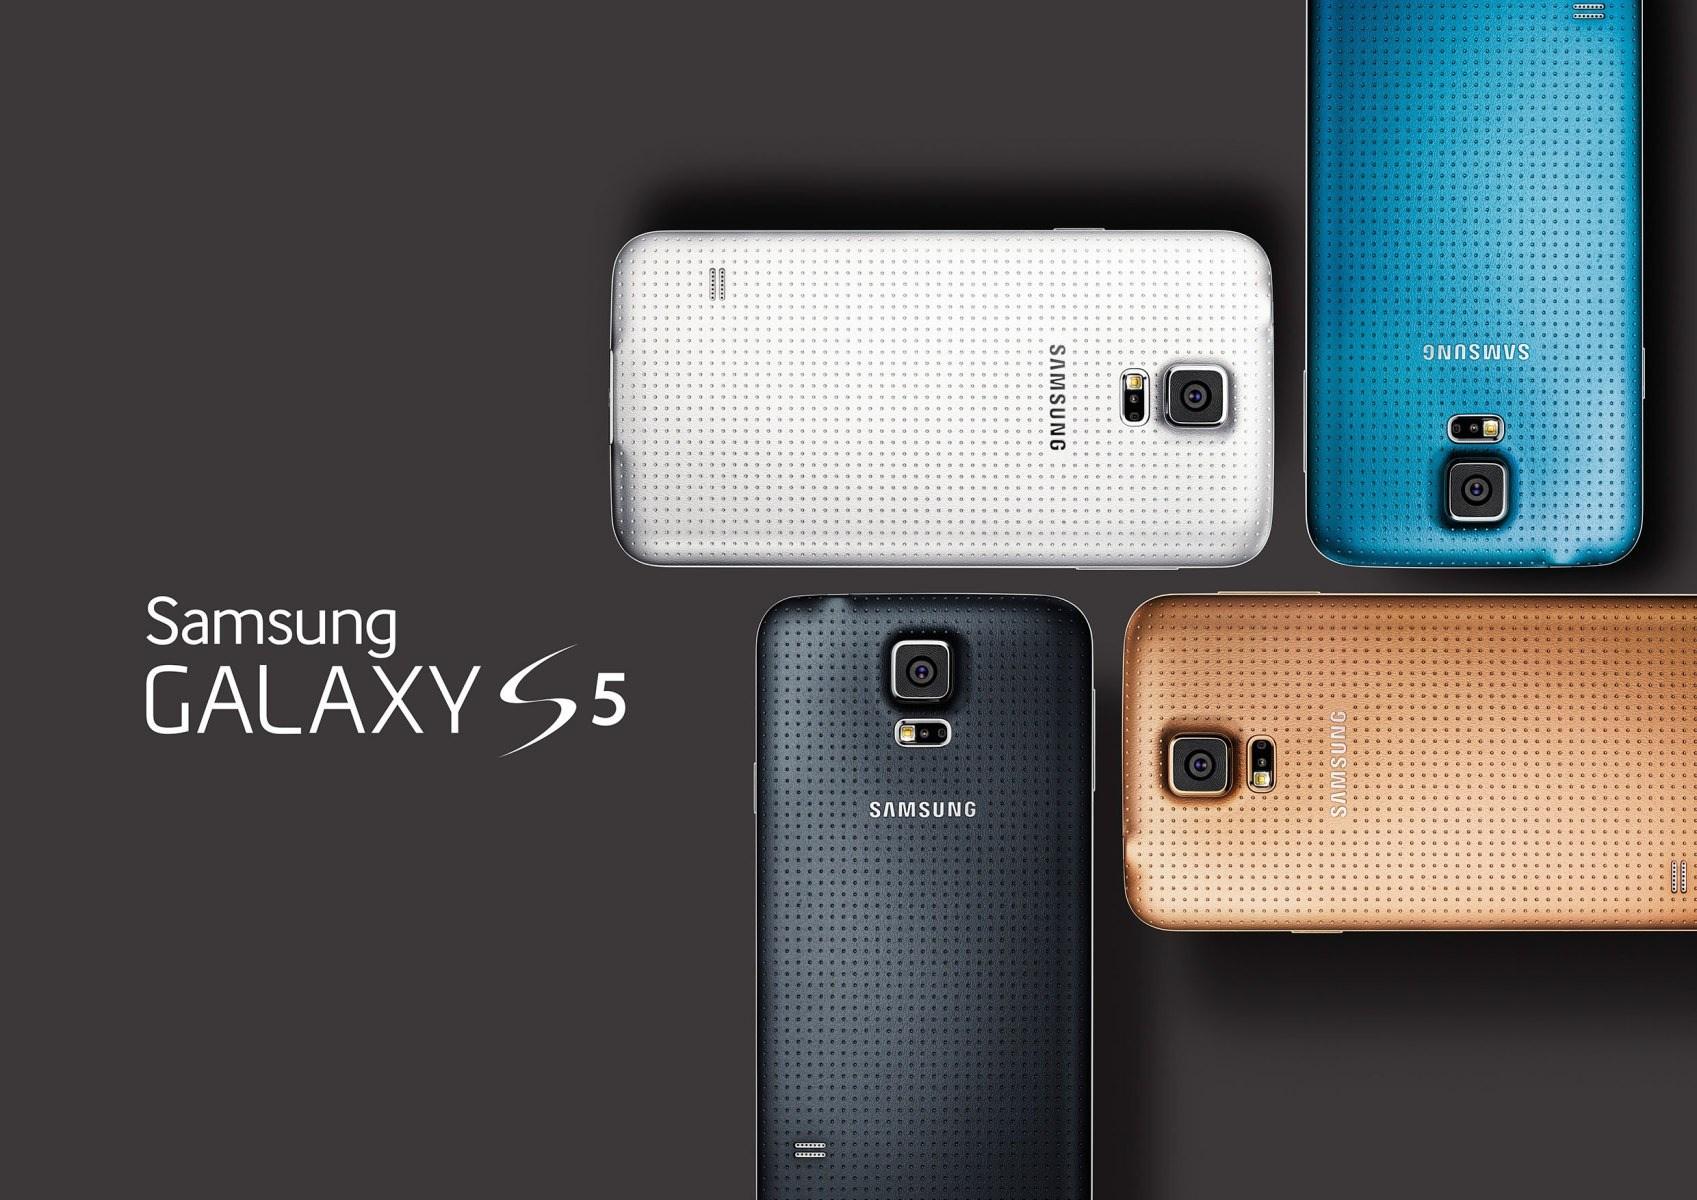 Samsung Galaxy S5 offiziell vorgestellt - Alle Infos - WinFuture.de